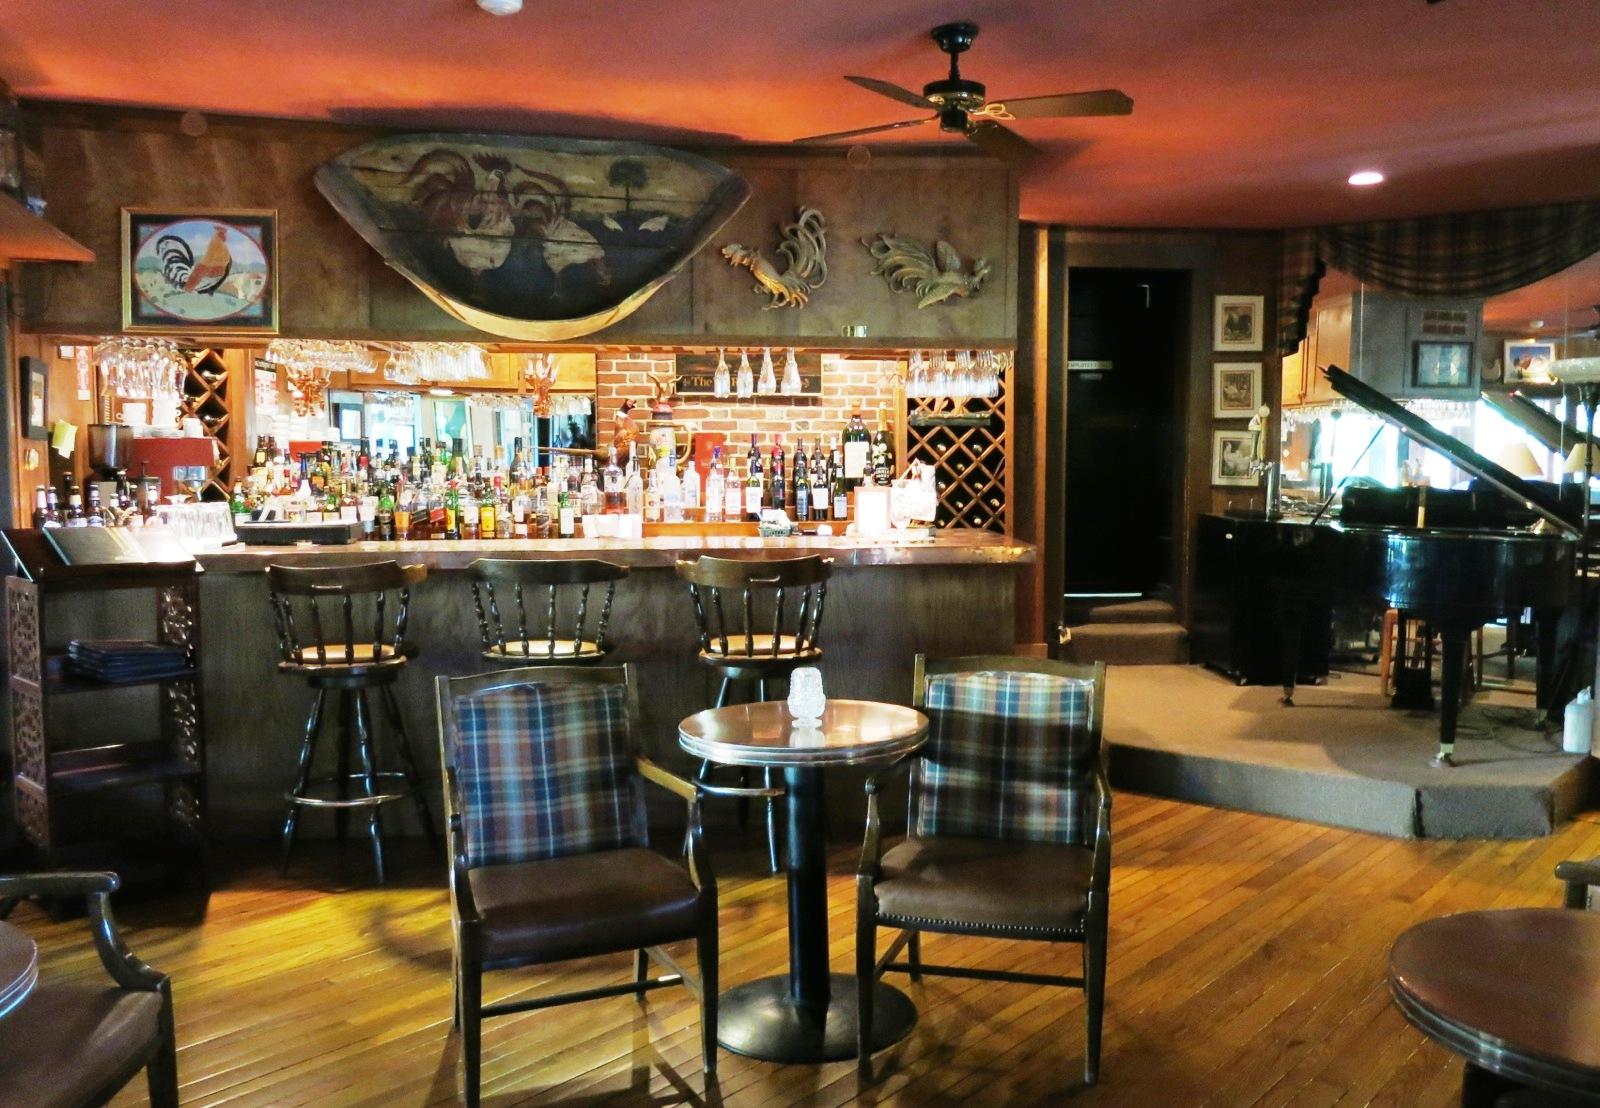 Van Horne Dining Room, Manor at Golden Pond, Holderness, NH